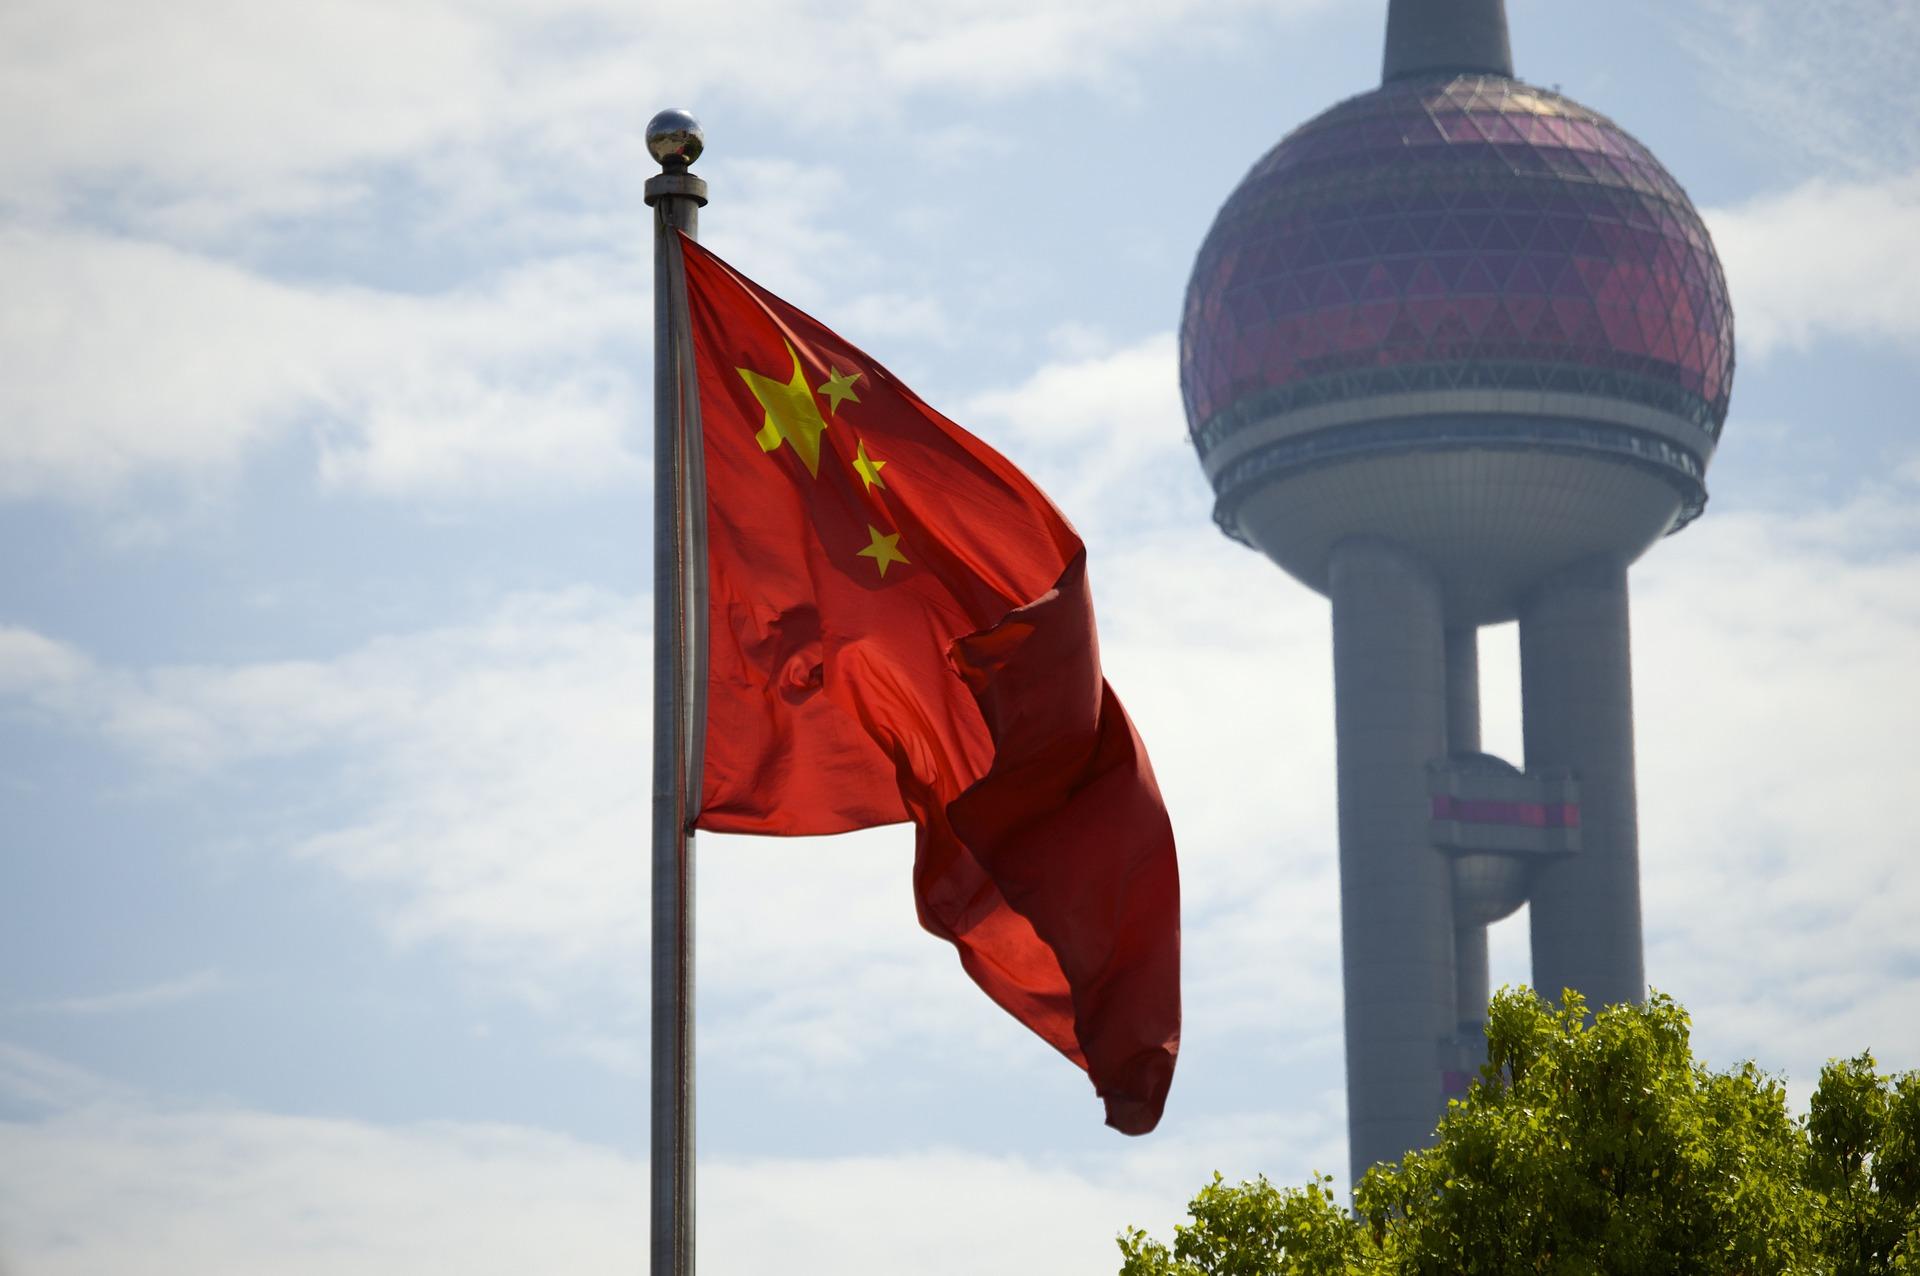 Pár týdnů do odhalení nové čínské krytoměny